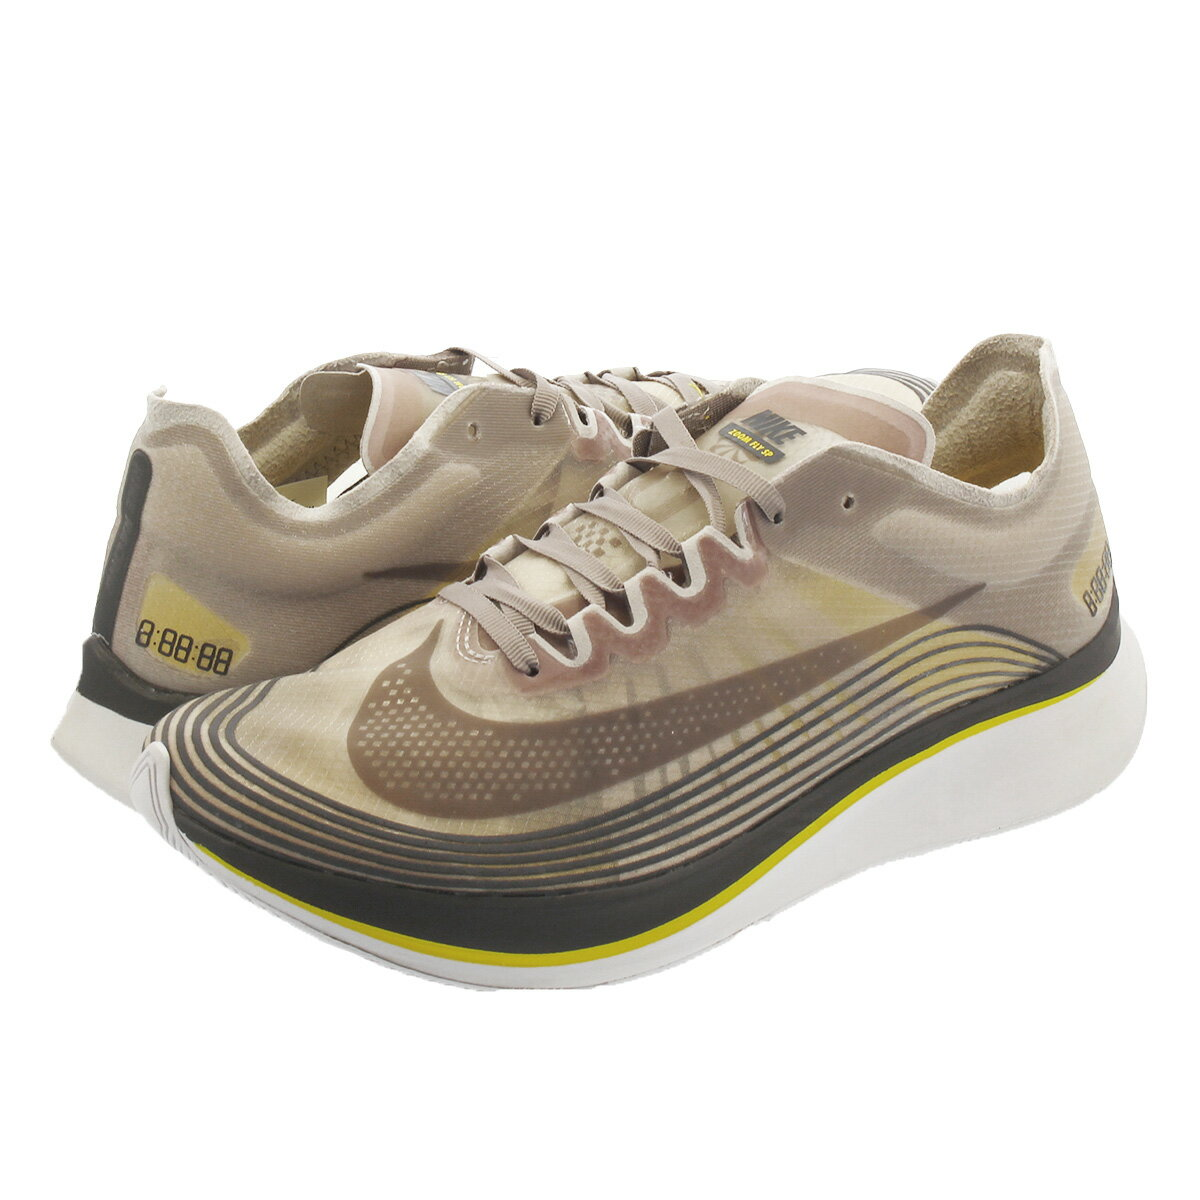 メンズ靴, スニーカー  NIKELAB ZOOM FLY SP SP SEPIA STONESEPIA STONE aa3172-201